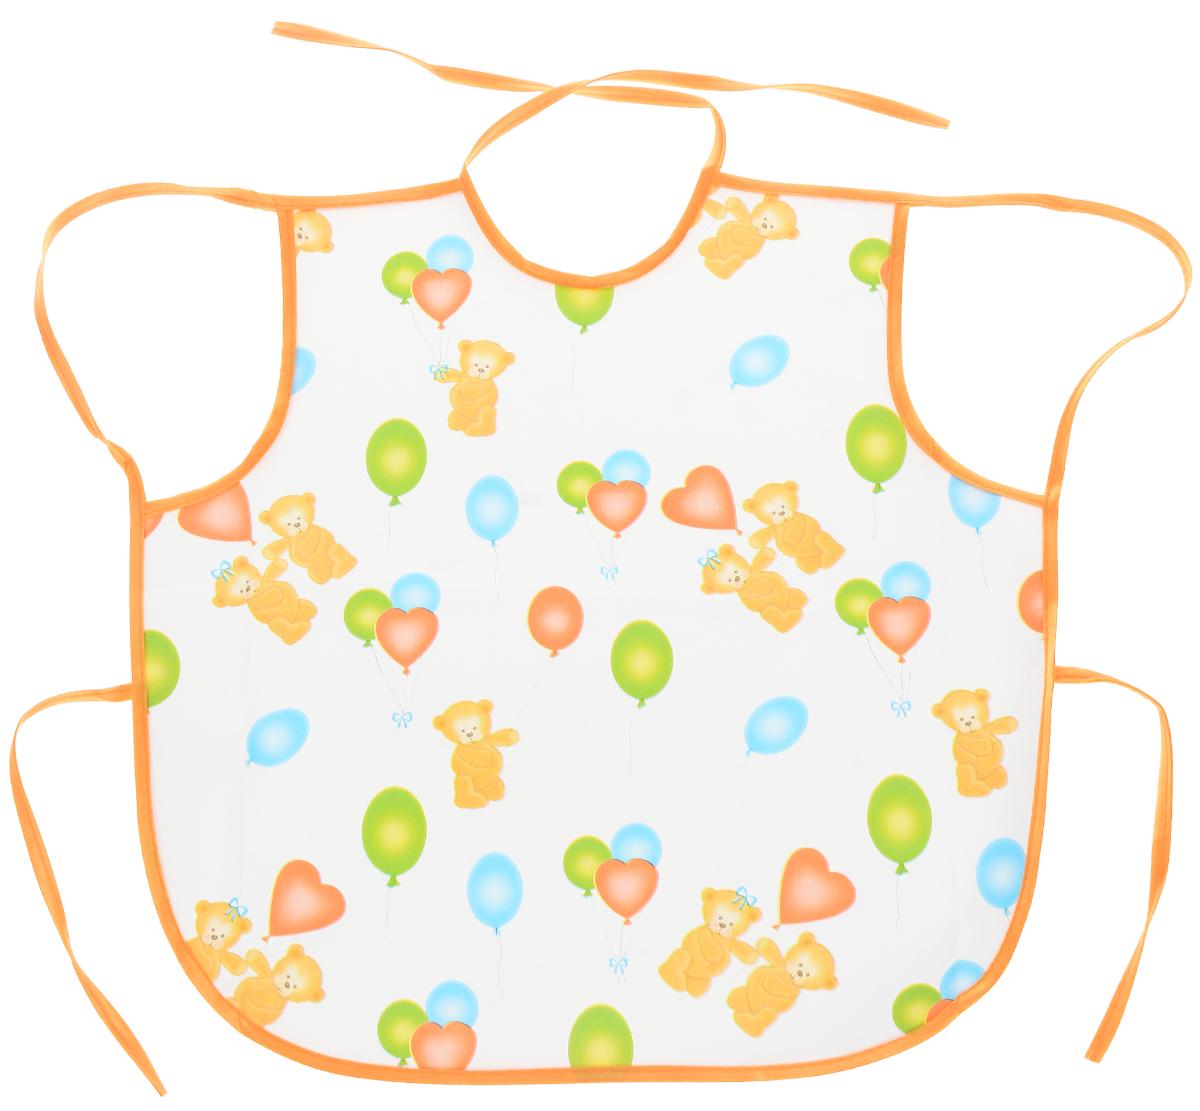 Колорит Фартук Мишки с шариками цвет белый оранжевый 36 х 38 см72523WDФартук Колорит Мишки с шариками изготовлен из клеенки подкладной с ПВХ покрытием.Предохраняет одежду малыша от загрязнений во время кормления. Фартук предназначен для многоразового использования, не промокает. Благодаря завязкам вы сможете легко контролировать длину изделия и регулировать размер горловины.Не оказывает вредного воздействия на организм ребенка.Не подлежит стерилизации паром. Не гладить. Не стирать.